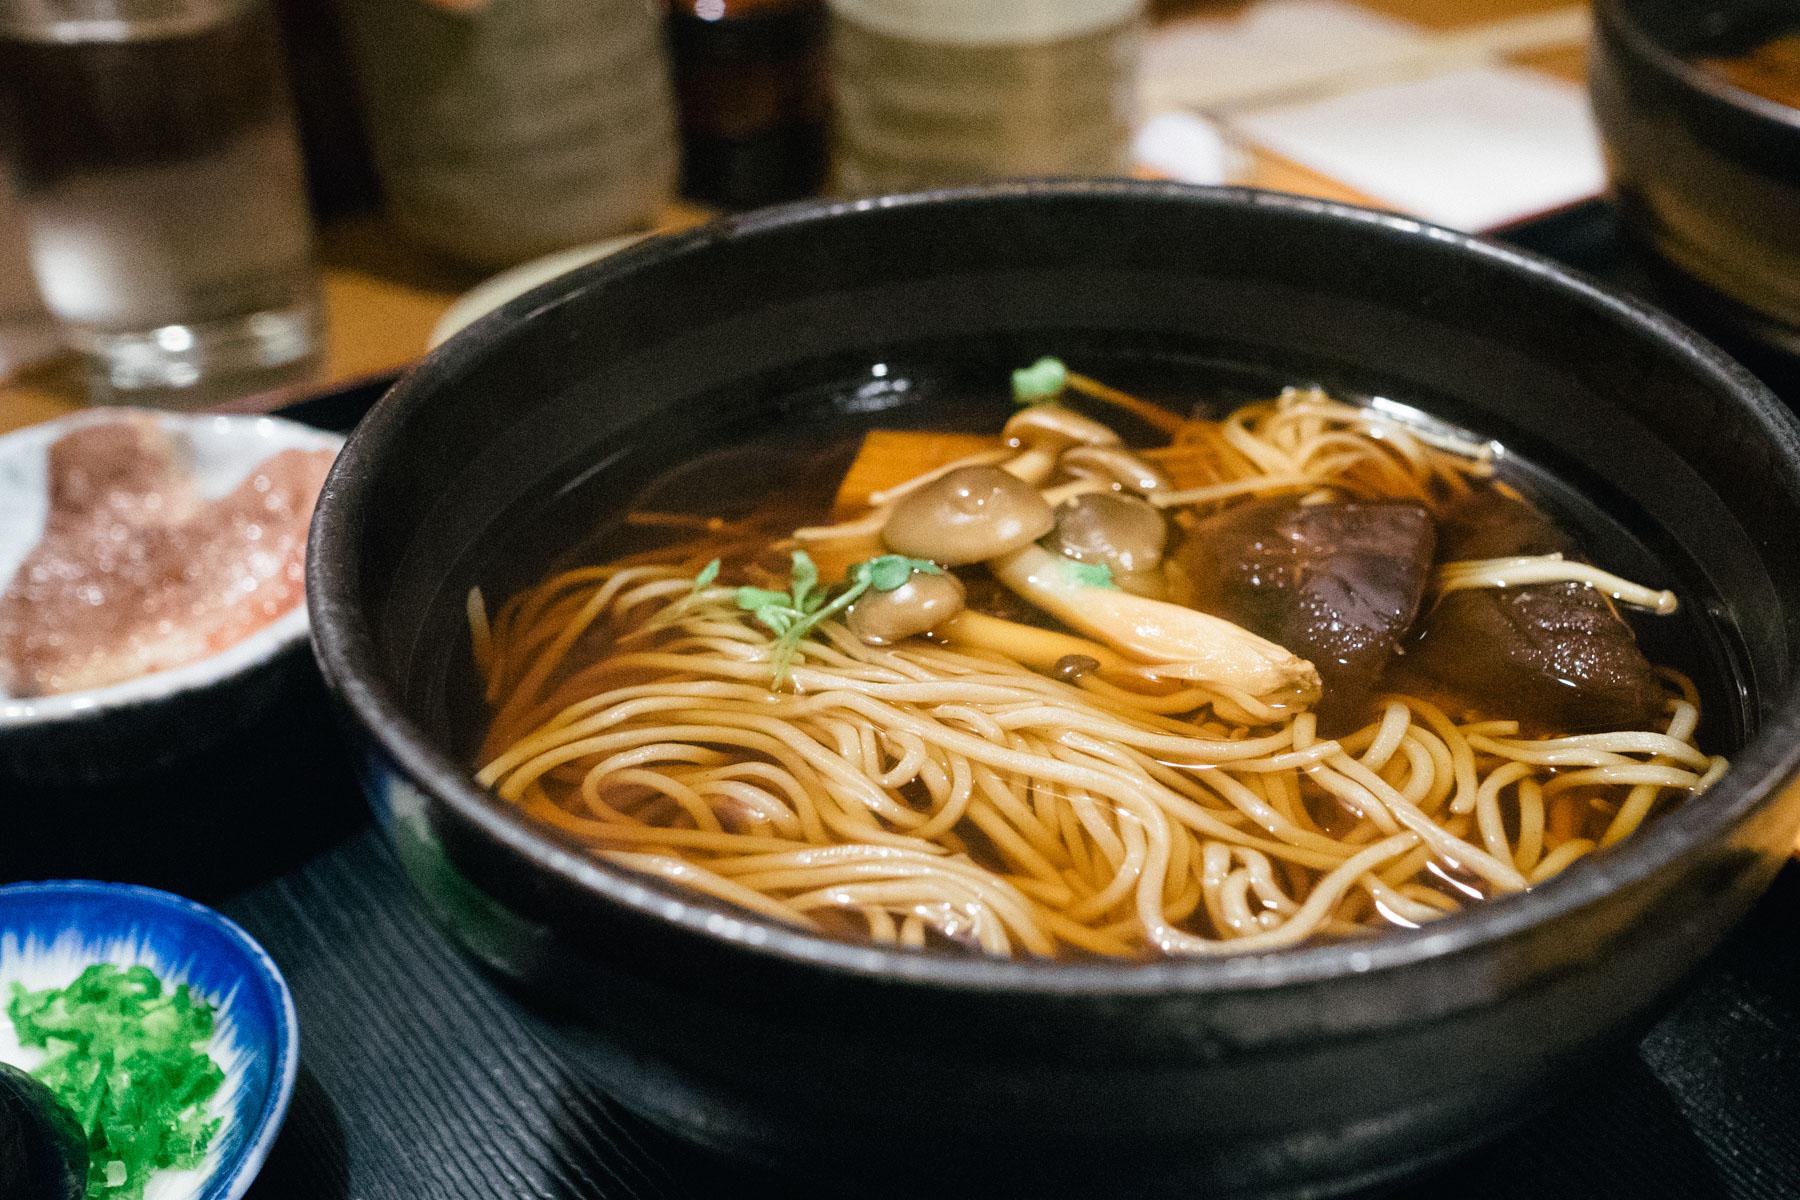 Best japanese soba restaurant in new york city that food for 22 thai cuisine new york ny